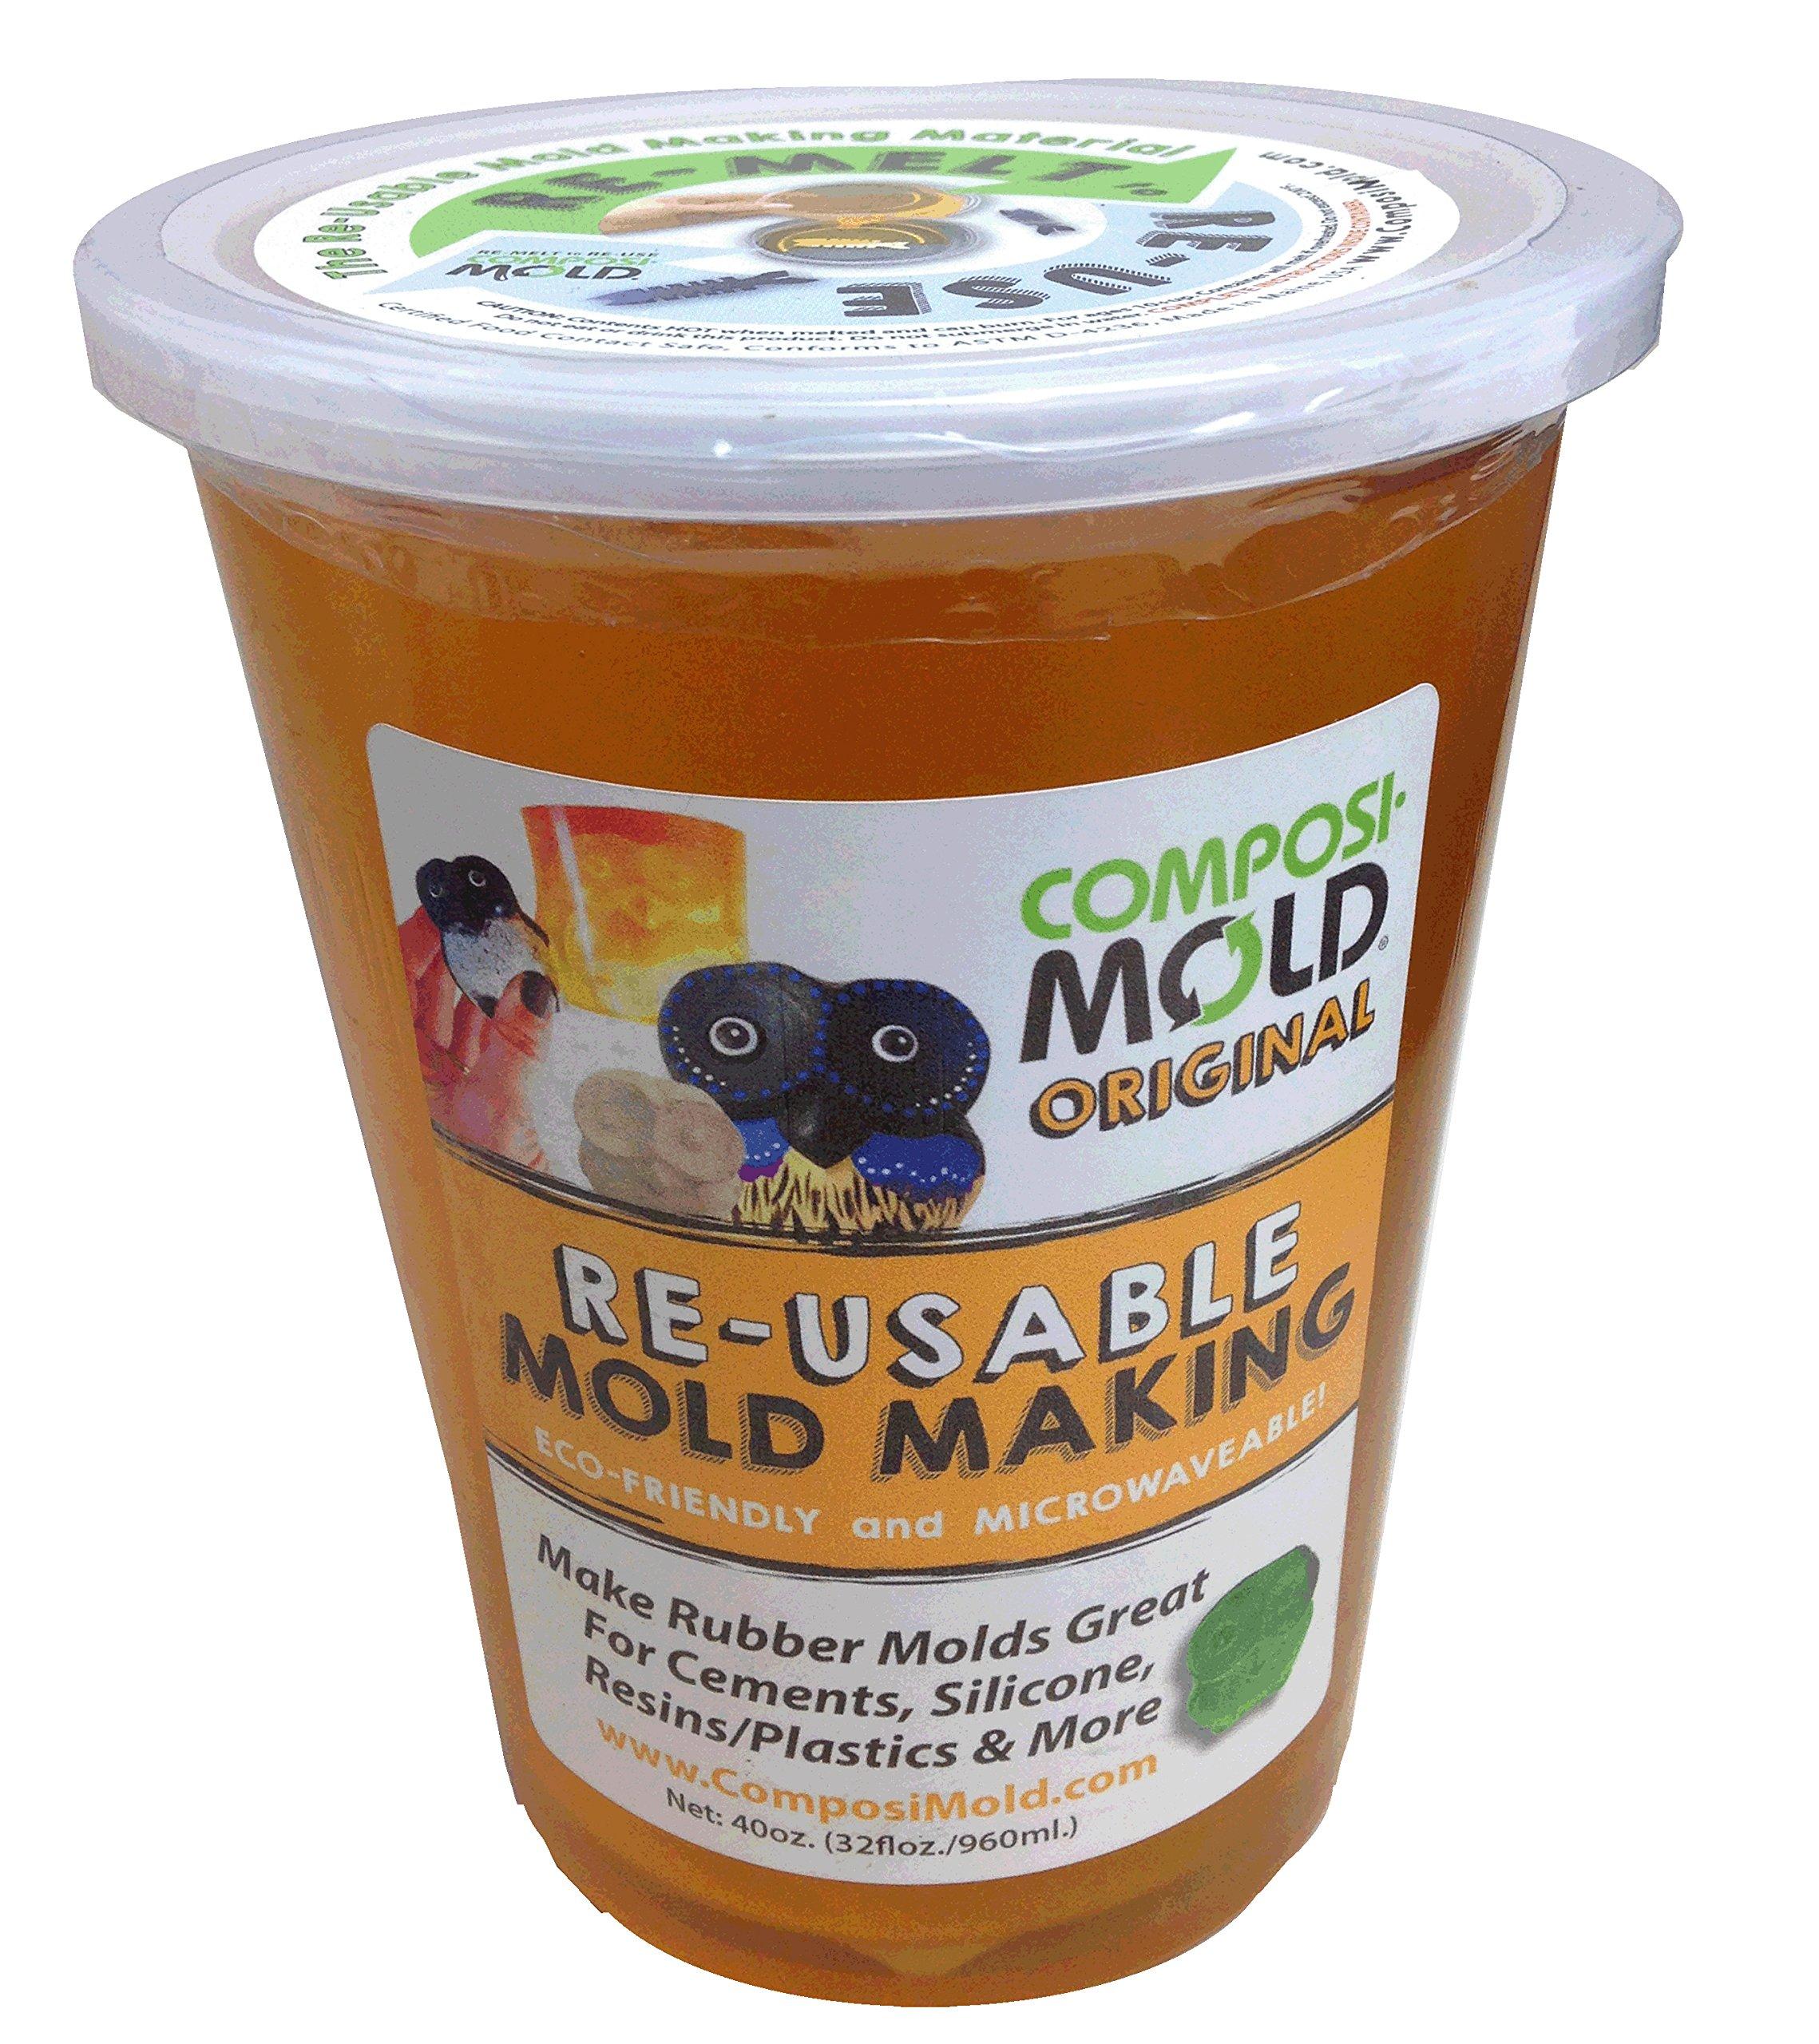 ComposiMold (Original) 40oz. Reusable Molding Material, re-heat to re-use!